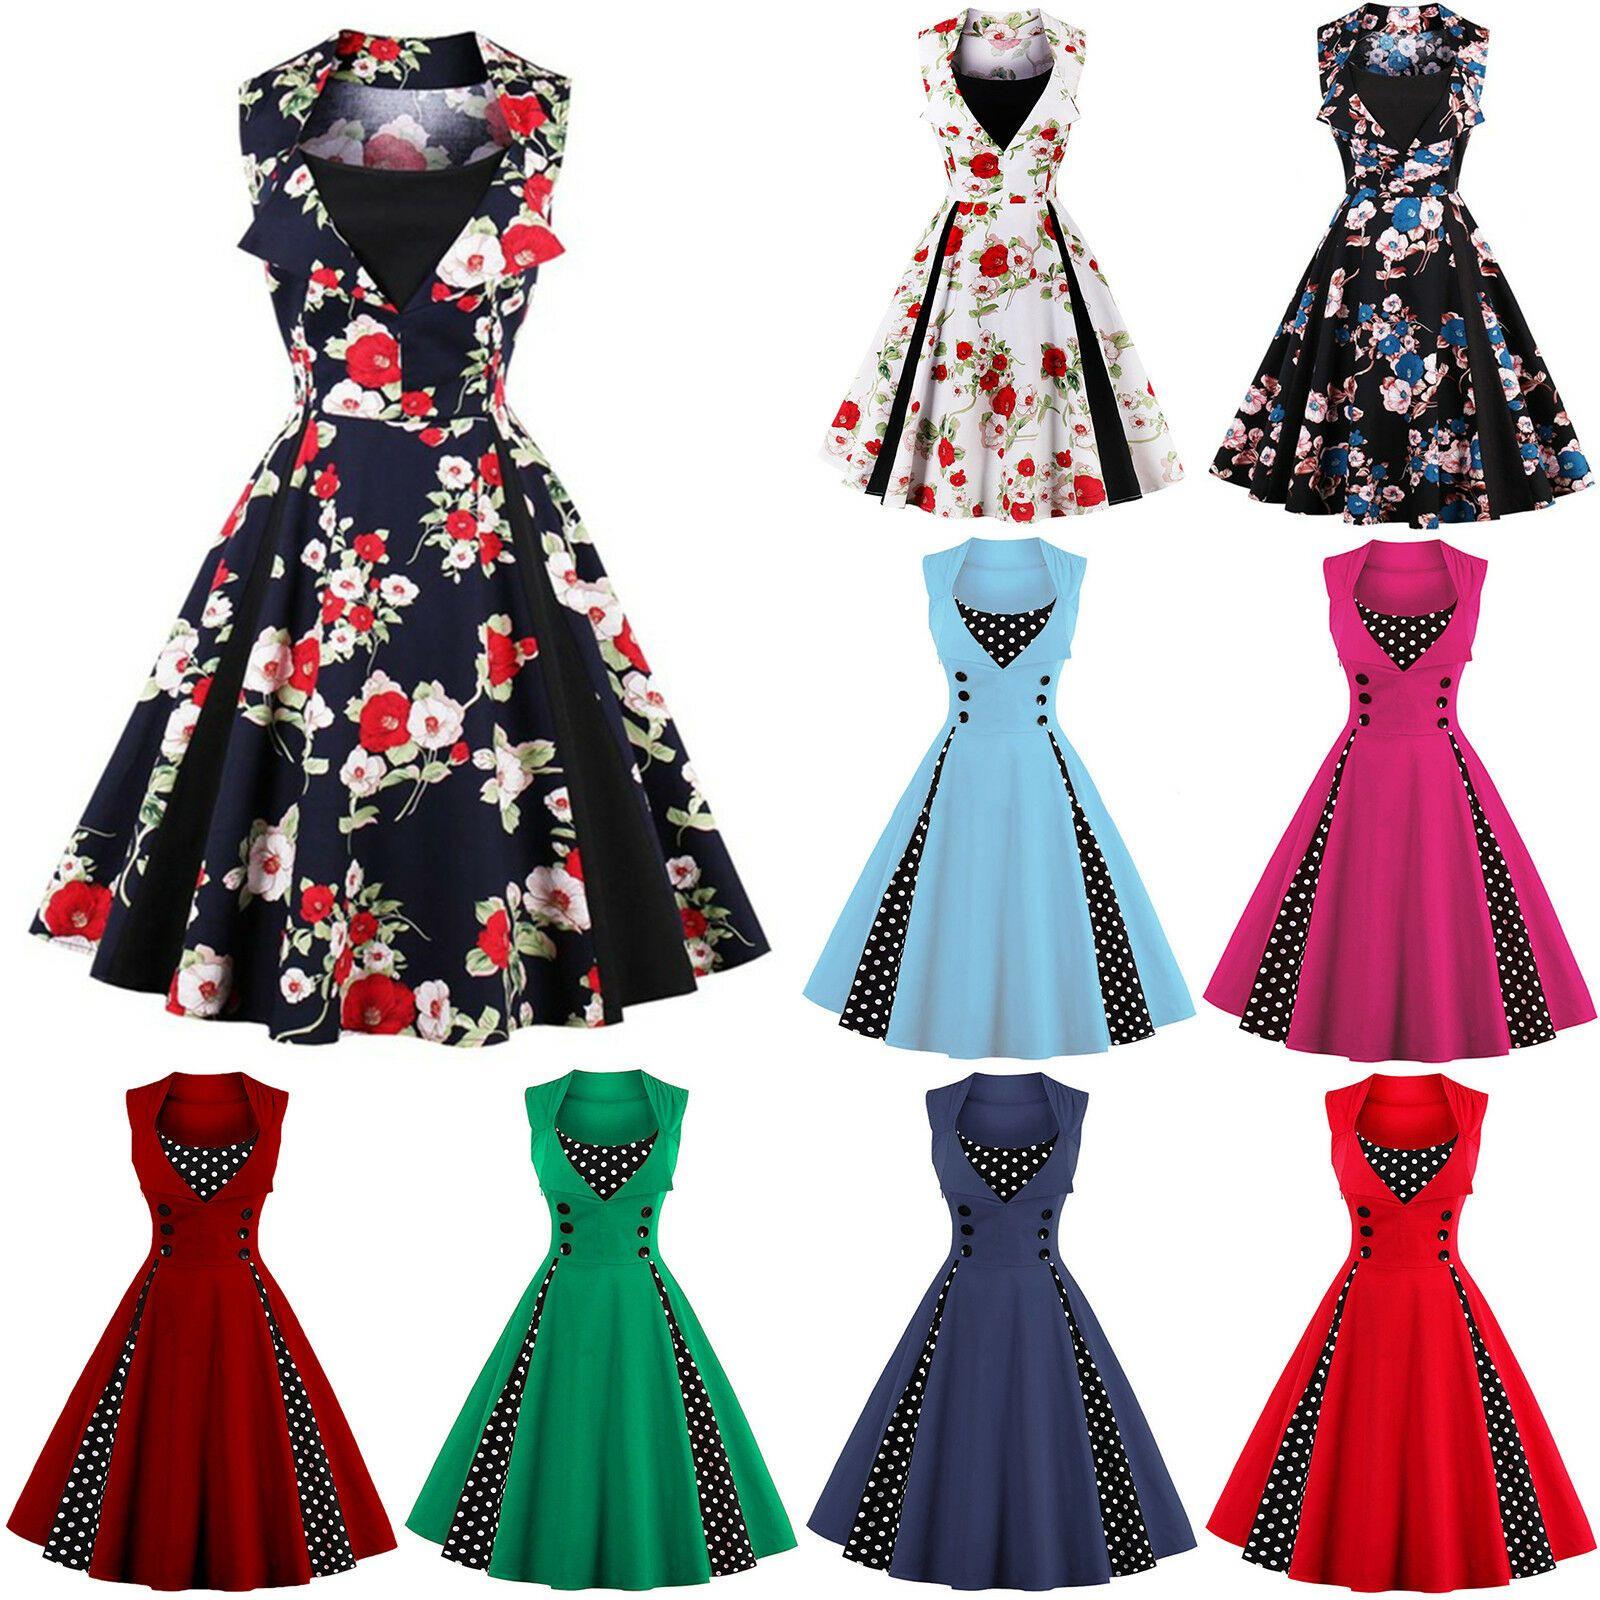 15 Genial Vintage Abendkleid Vertrieb - Abendkleid